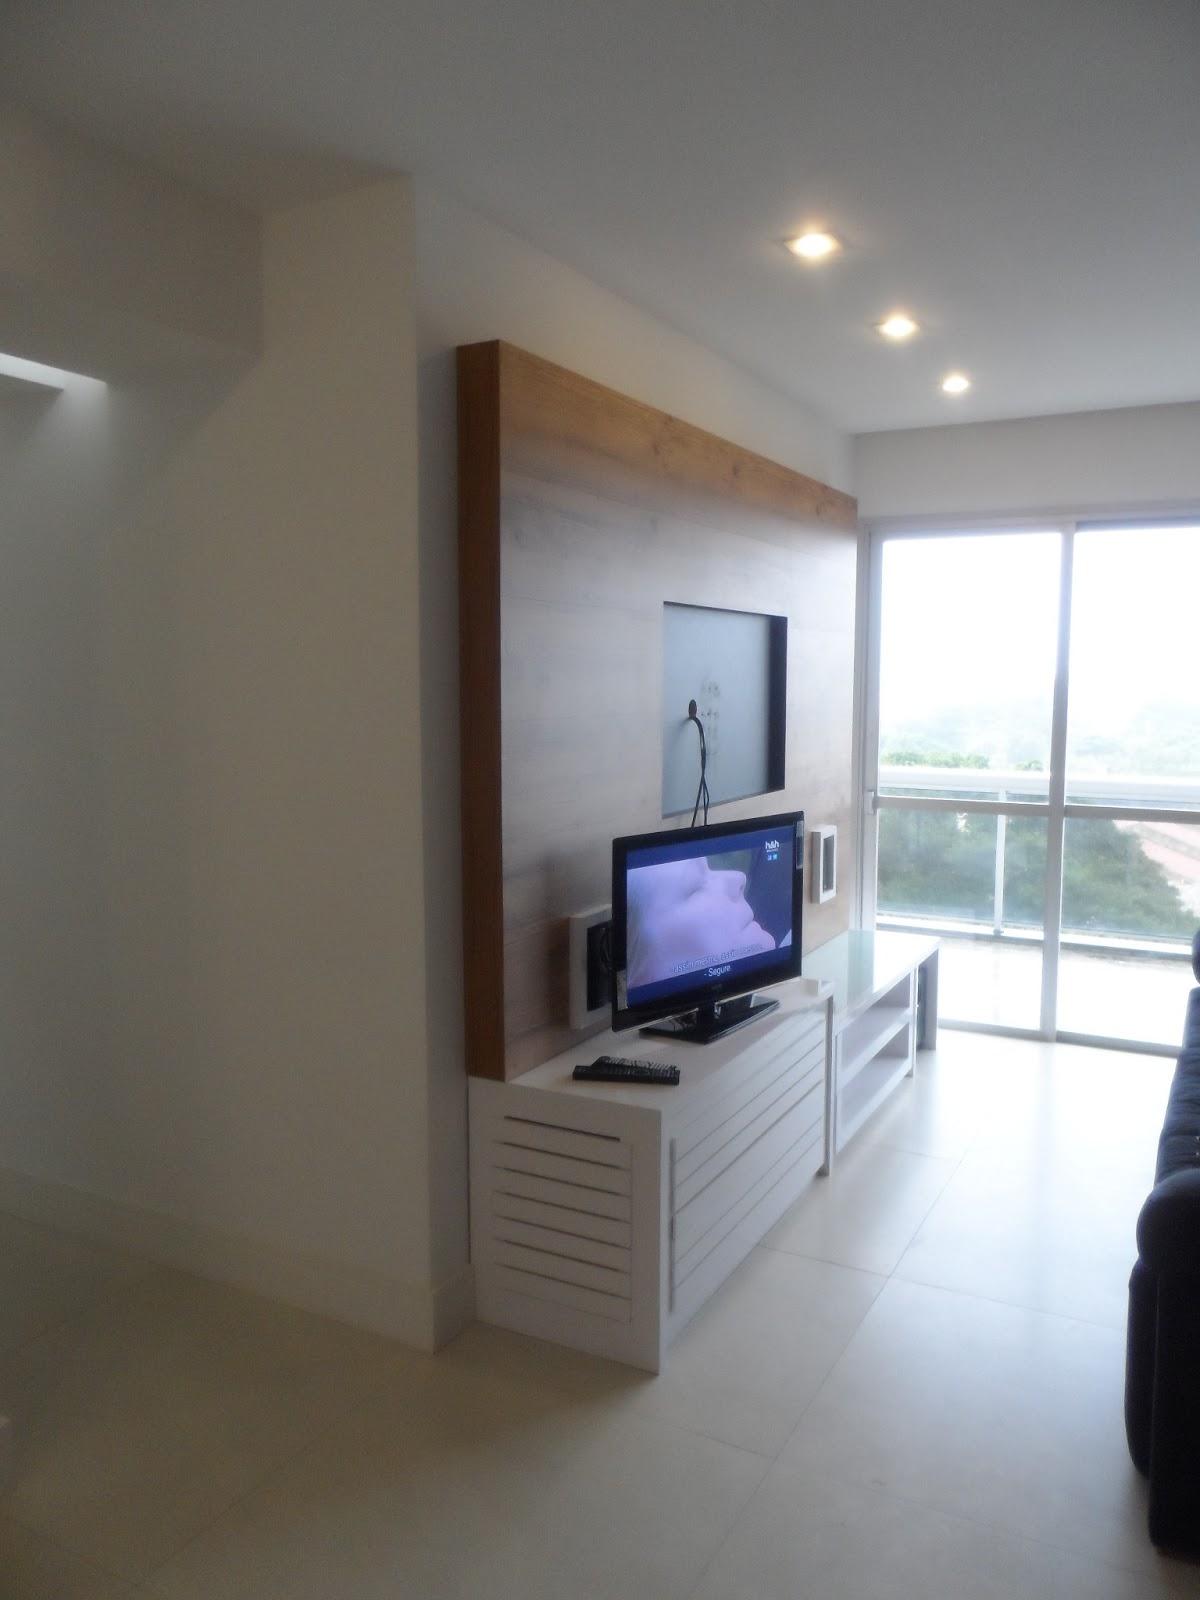 Gesso Na Sala De Tv ~   arquitetura APARTAMENTO RECREIO  SOLUÇÃO PARA UMA SALA PEQUENA